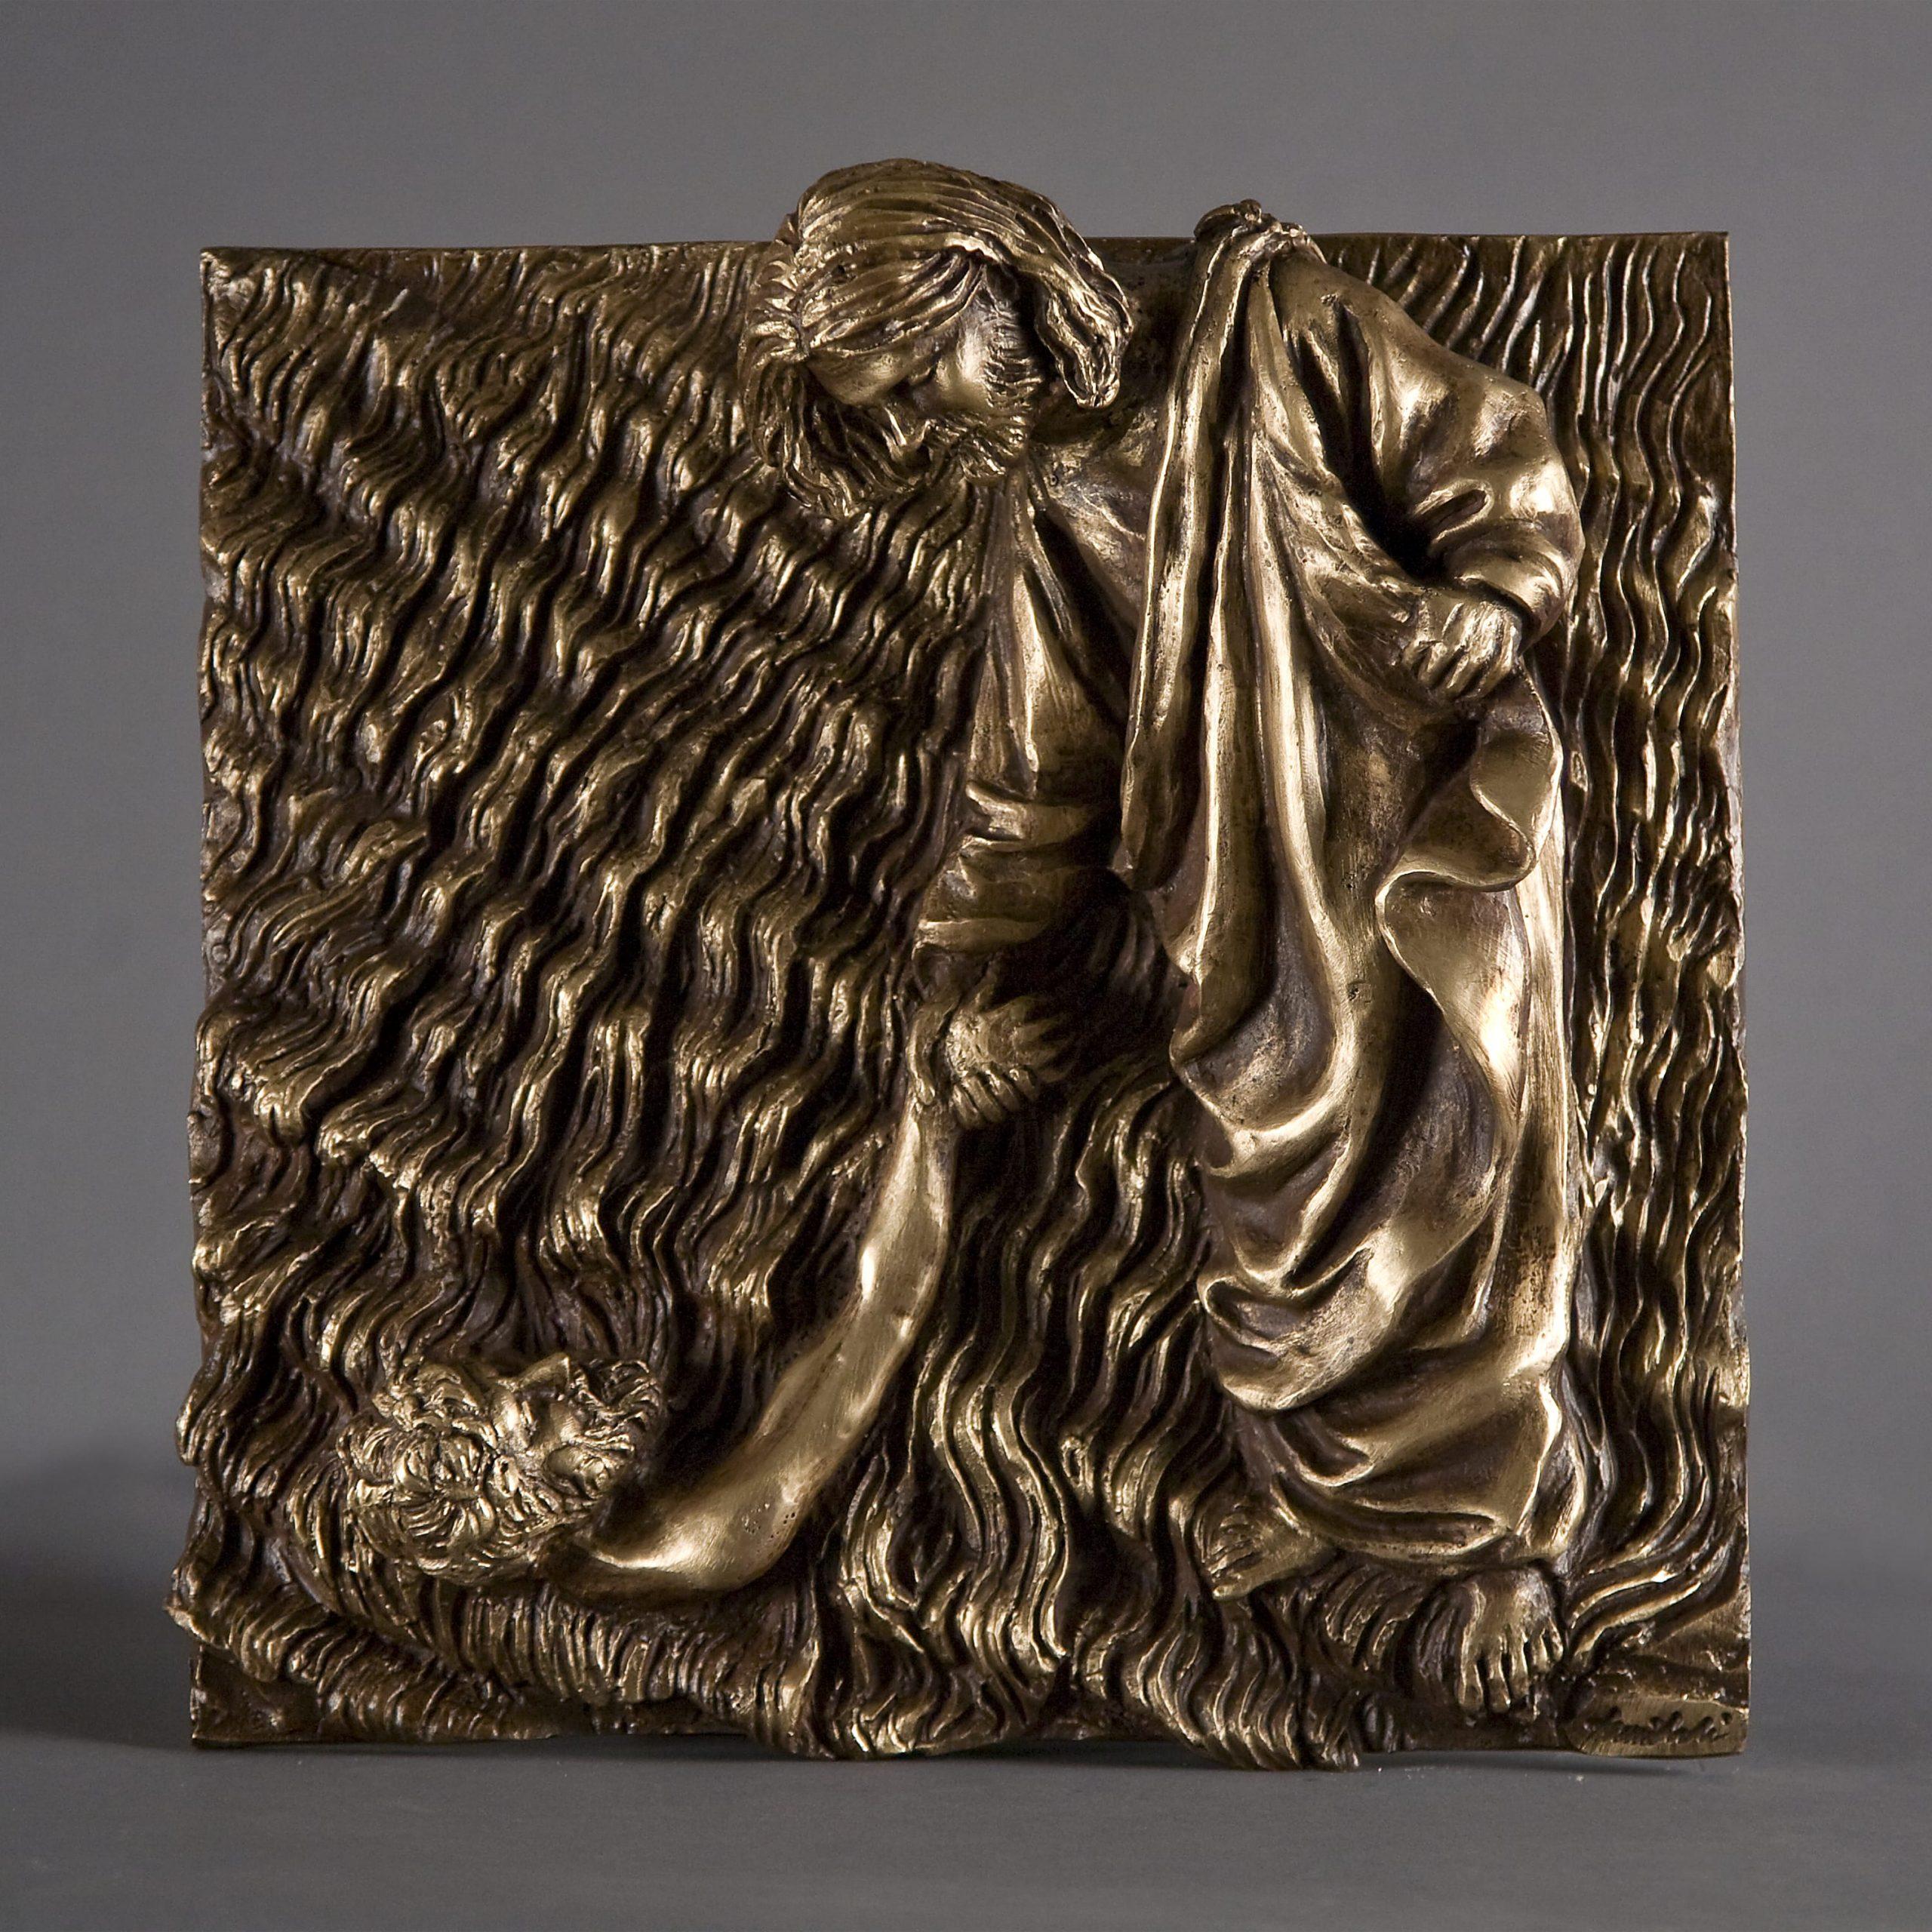 Il salvataggio di Pietro realizzato nel 2015 in bronzo